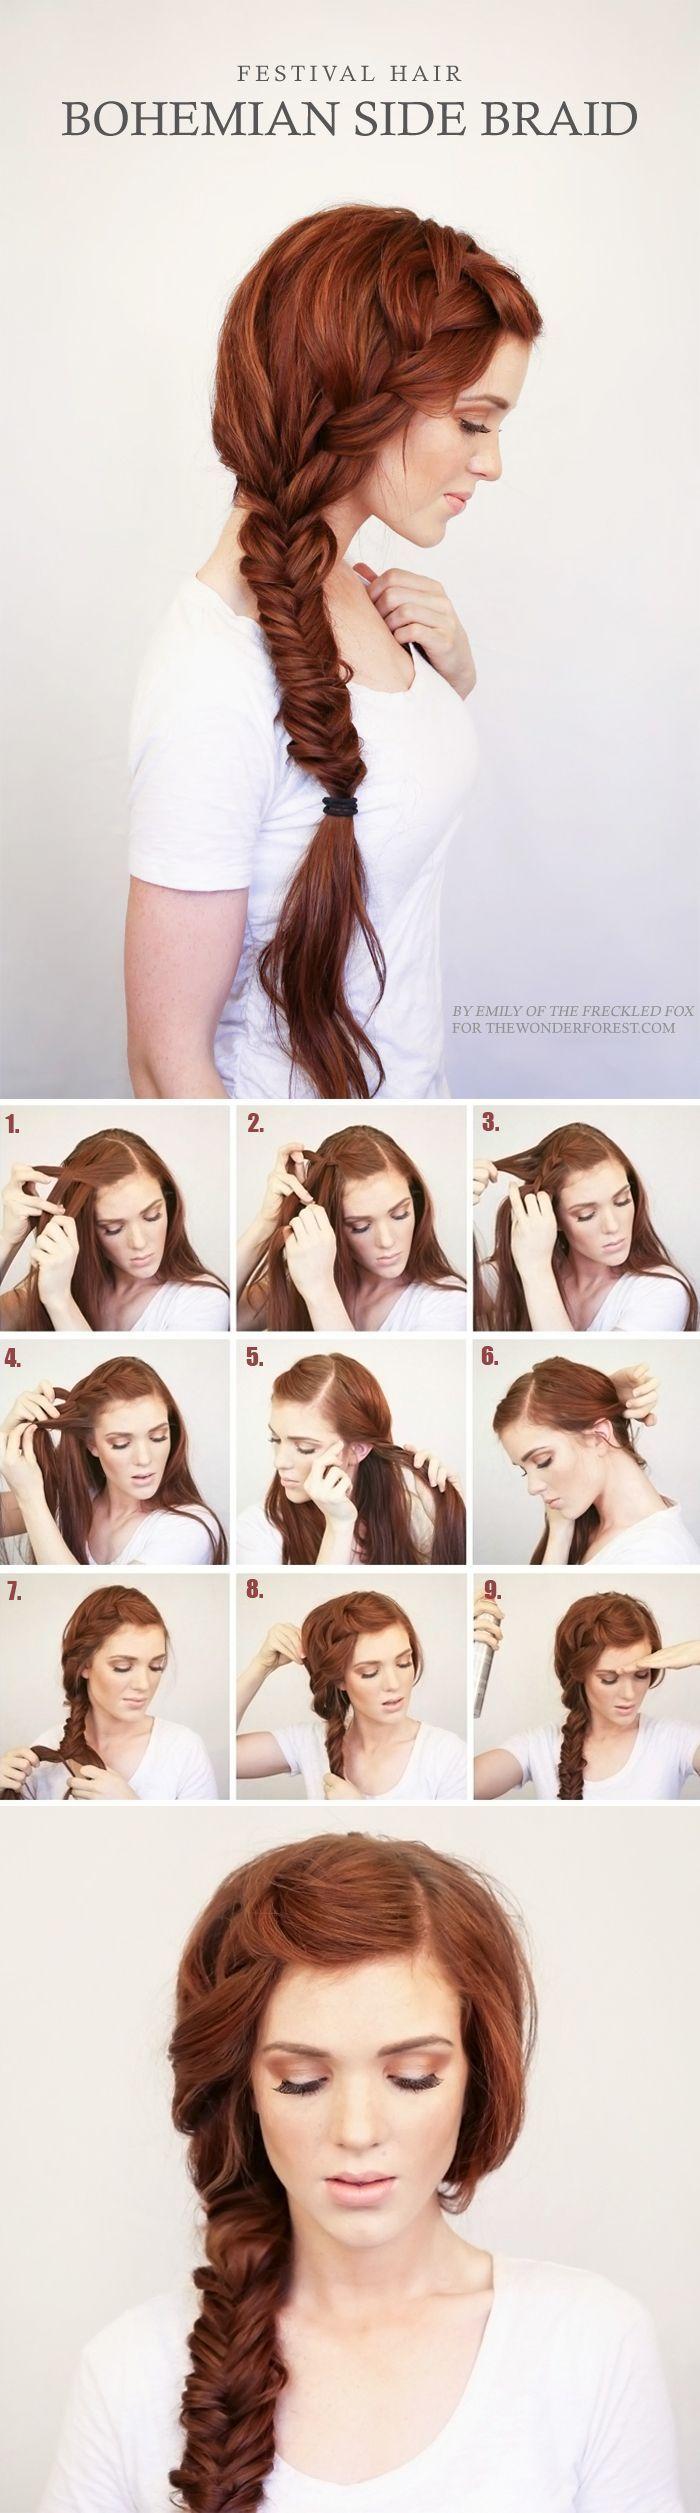 Phenomenal 1000 Ideas About Side Braids On Pinterest Braids Fishtail And Short Hairstyles Gunalazisus